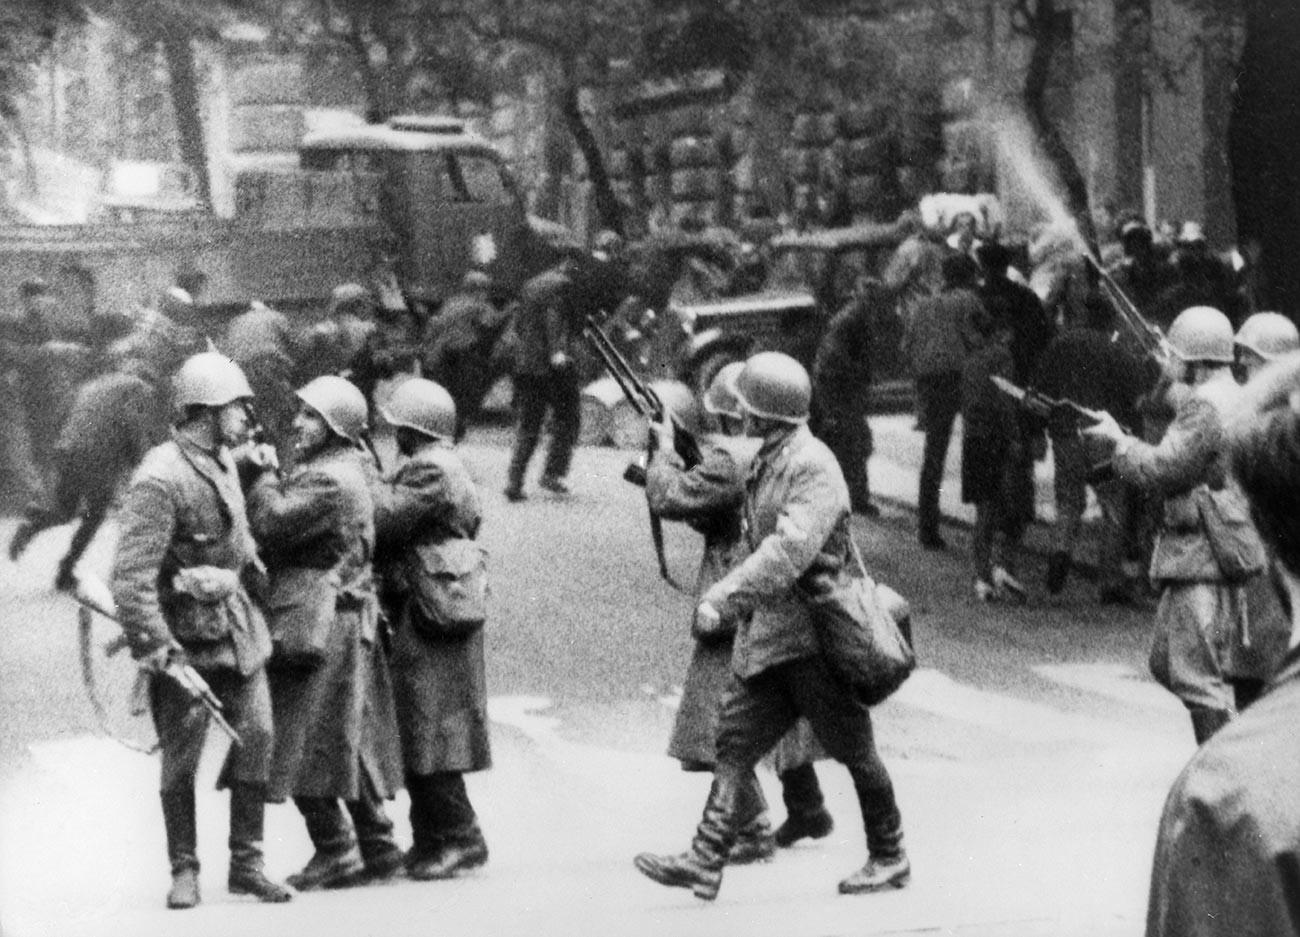 Le truppe del Patto di Varsavia durante l'intervento a Praga, Cecoslovacchia, 1968.